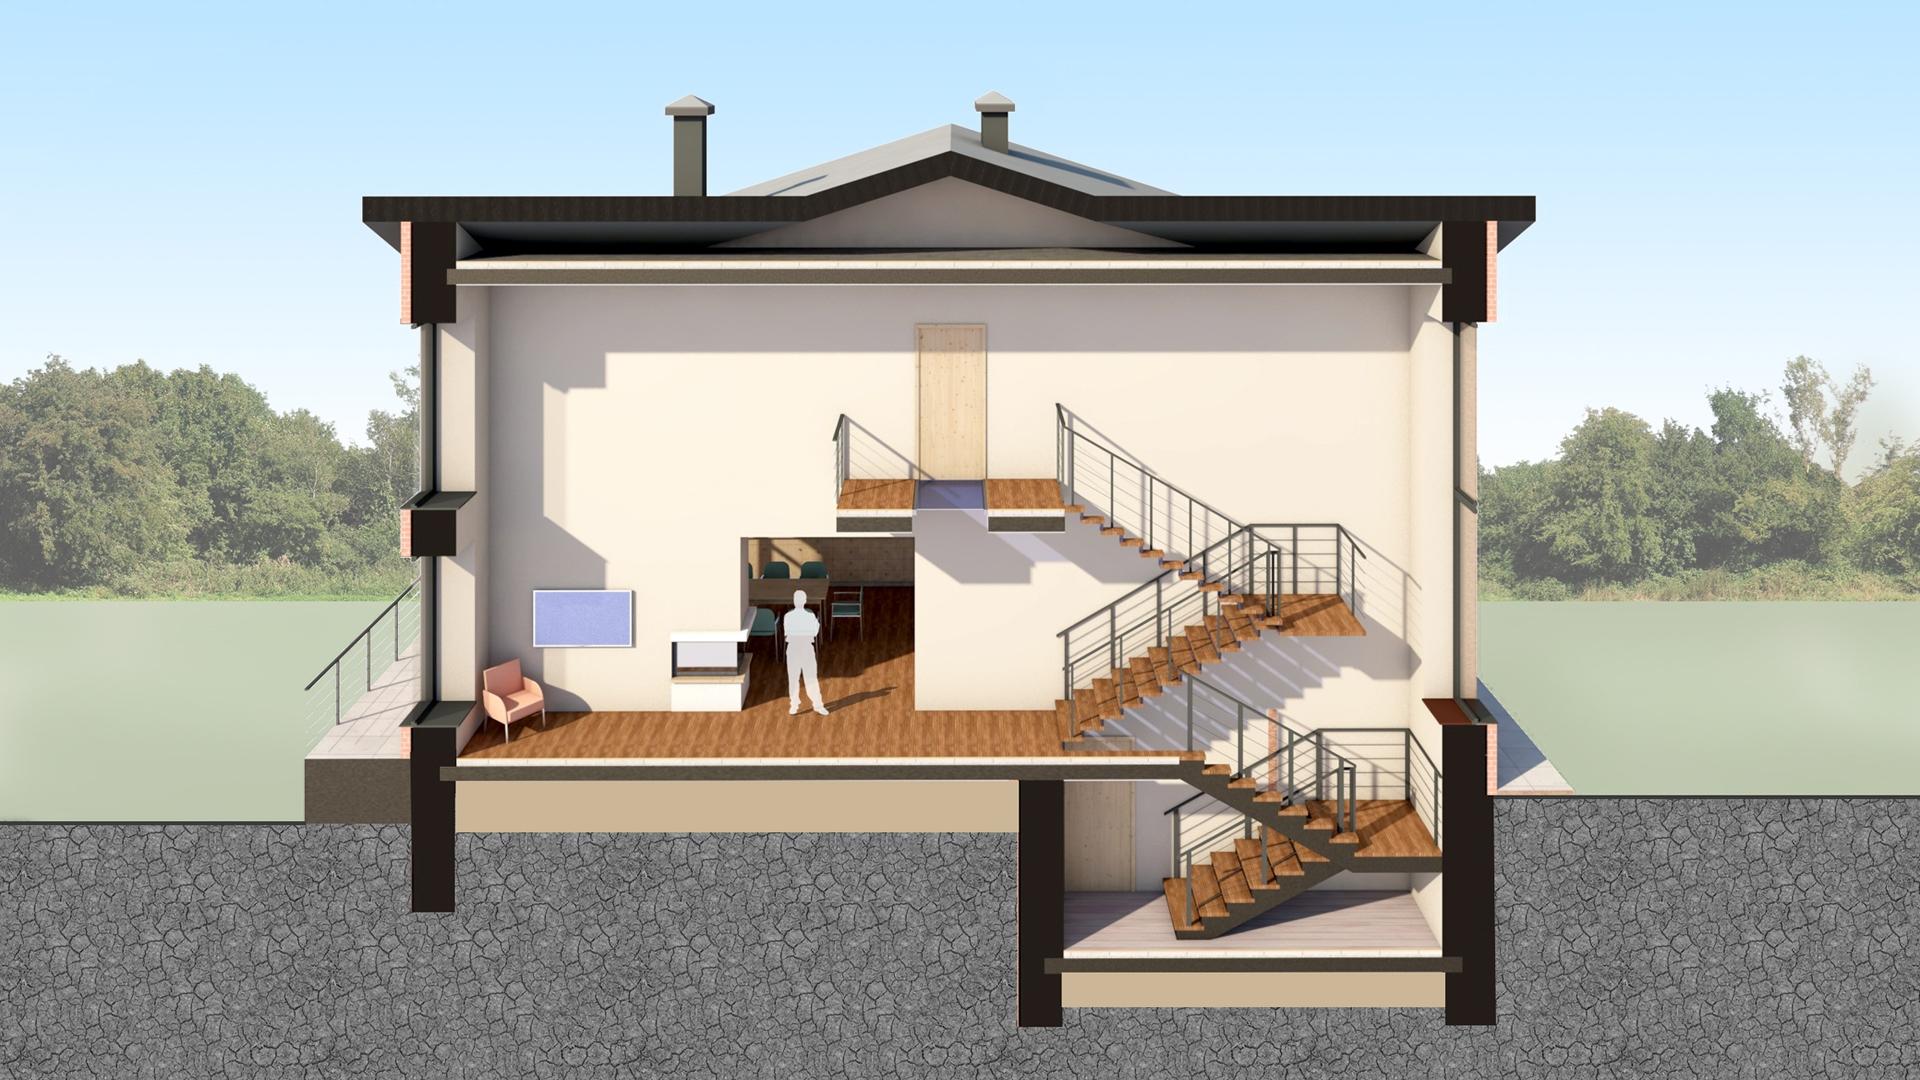 Изображение для проекта Современное поместье для большой семьи 2177